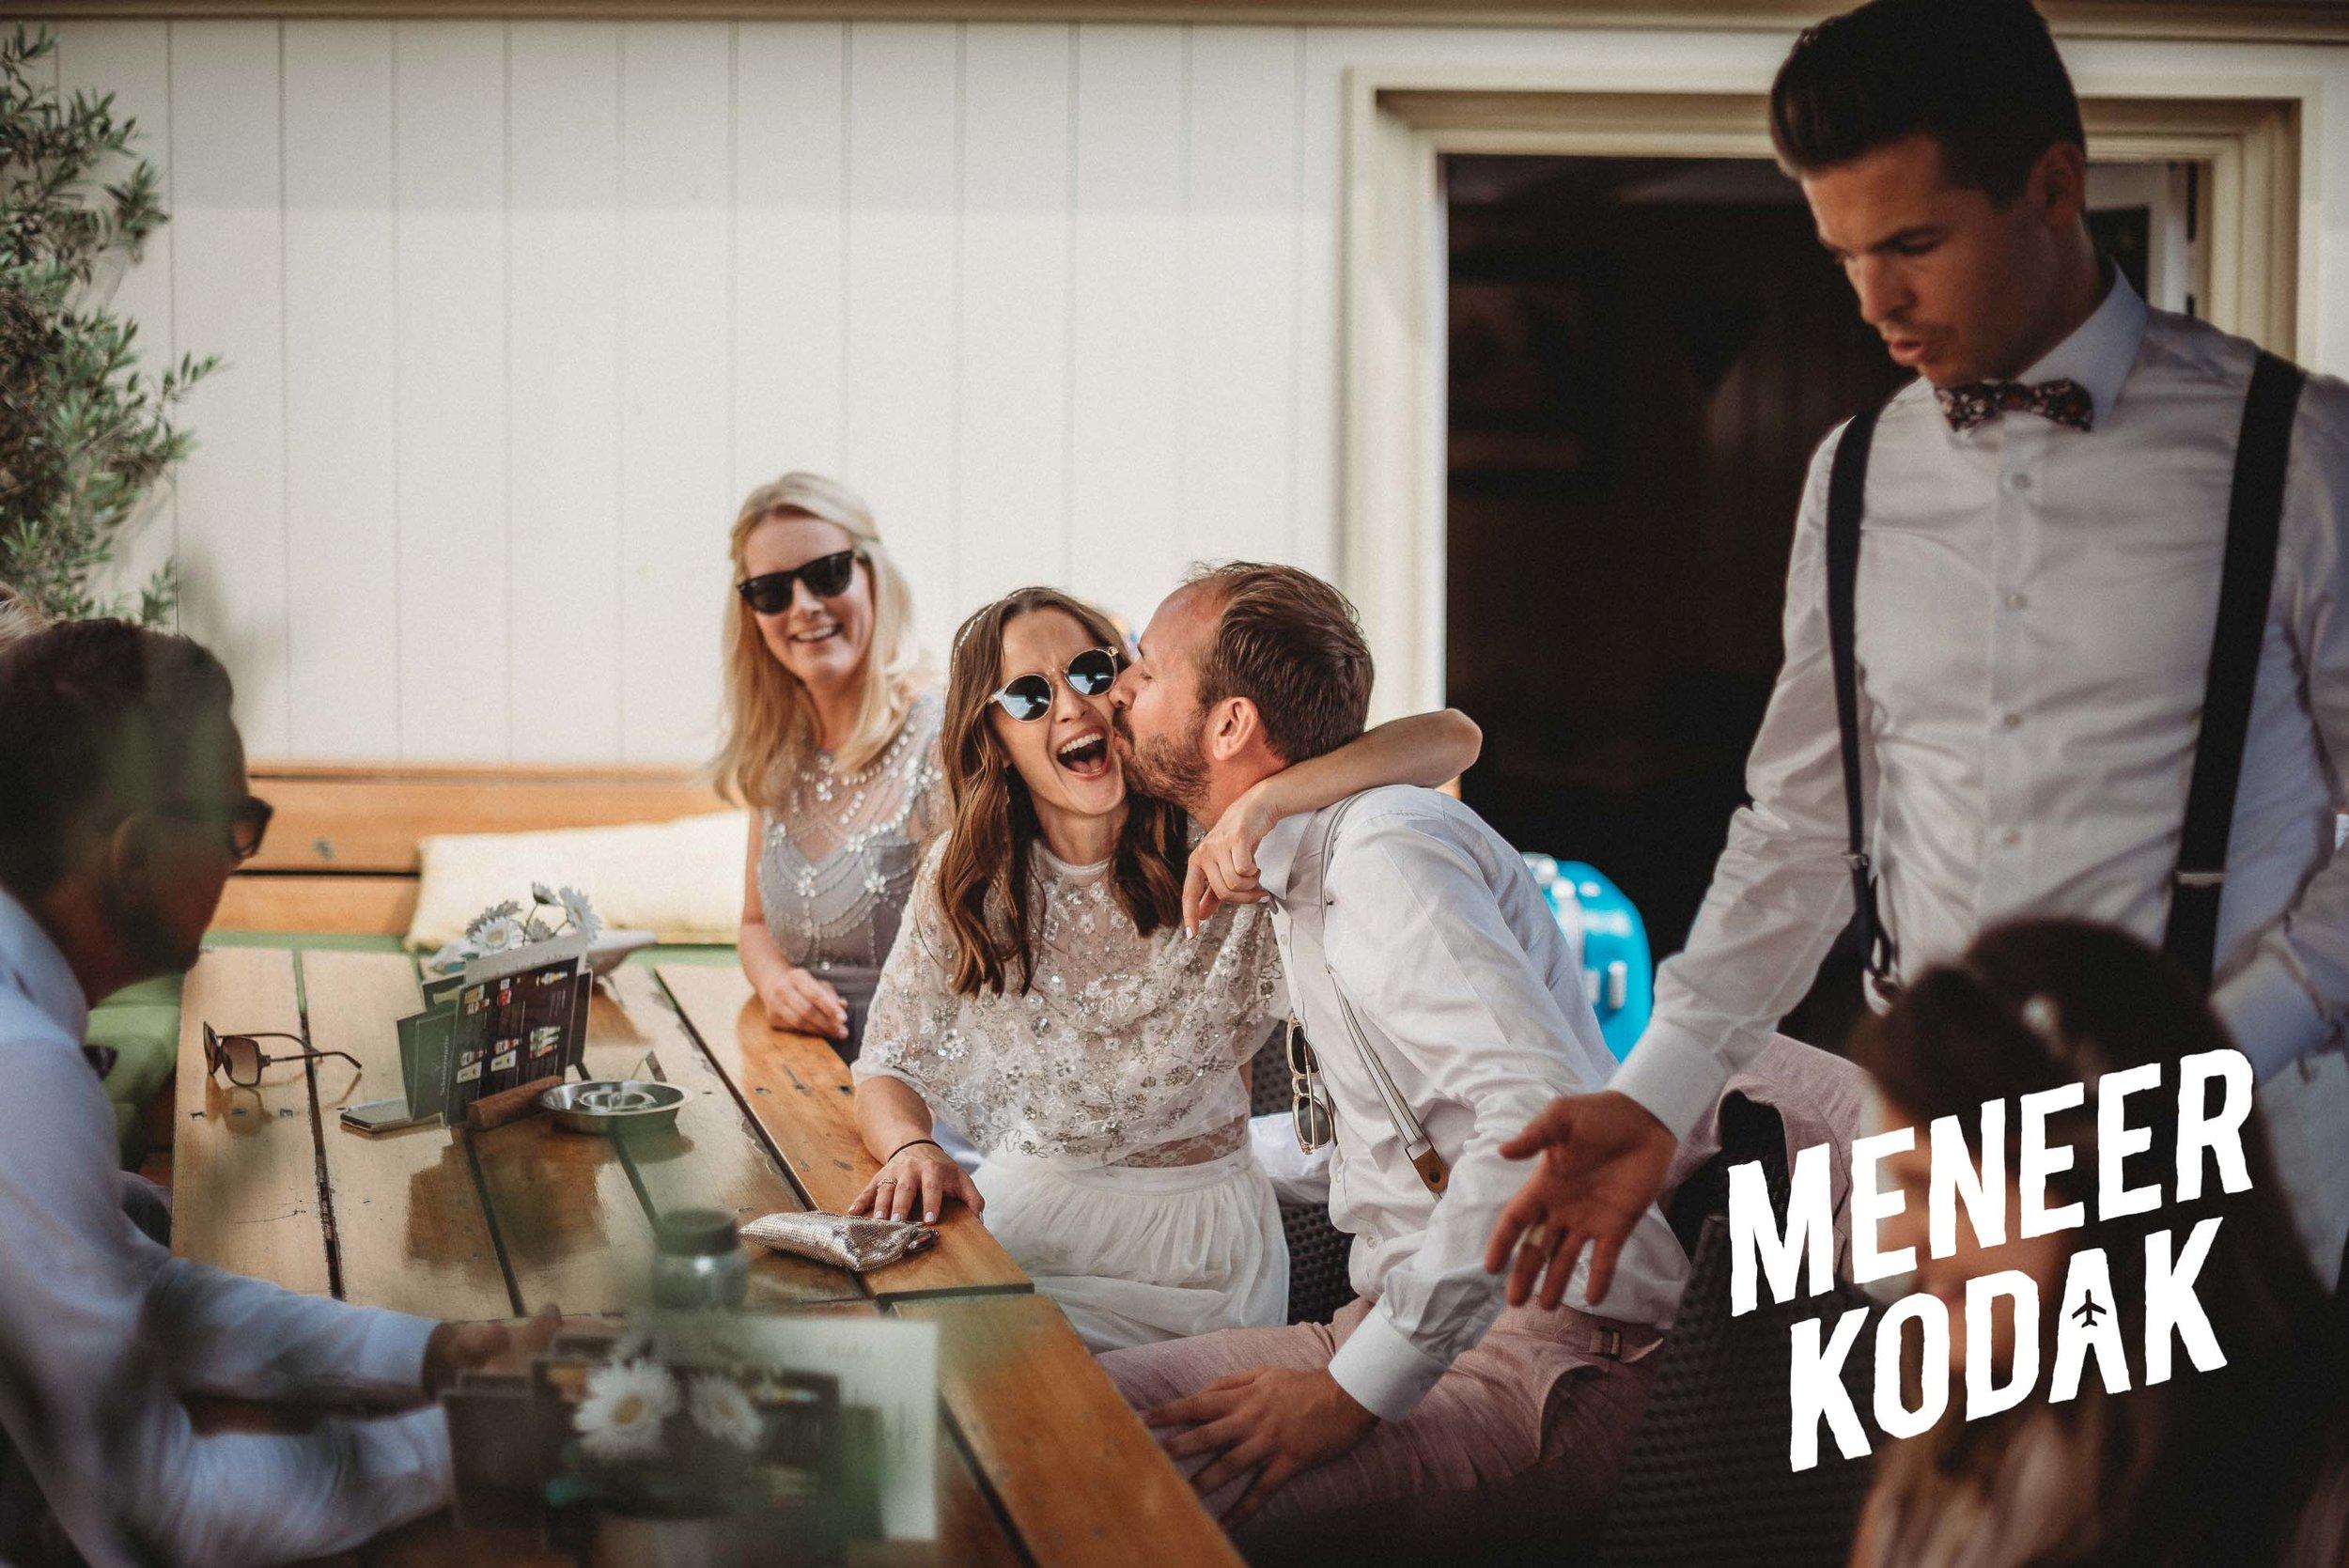 Meneer Kodak - Trouwfotograaf - Amsterdam - H&T-041.jpg